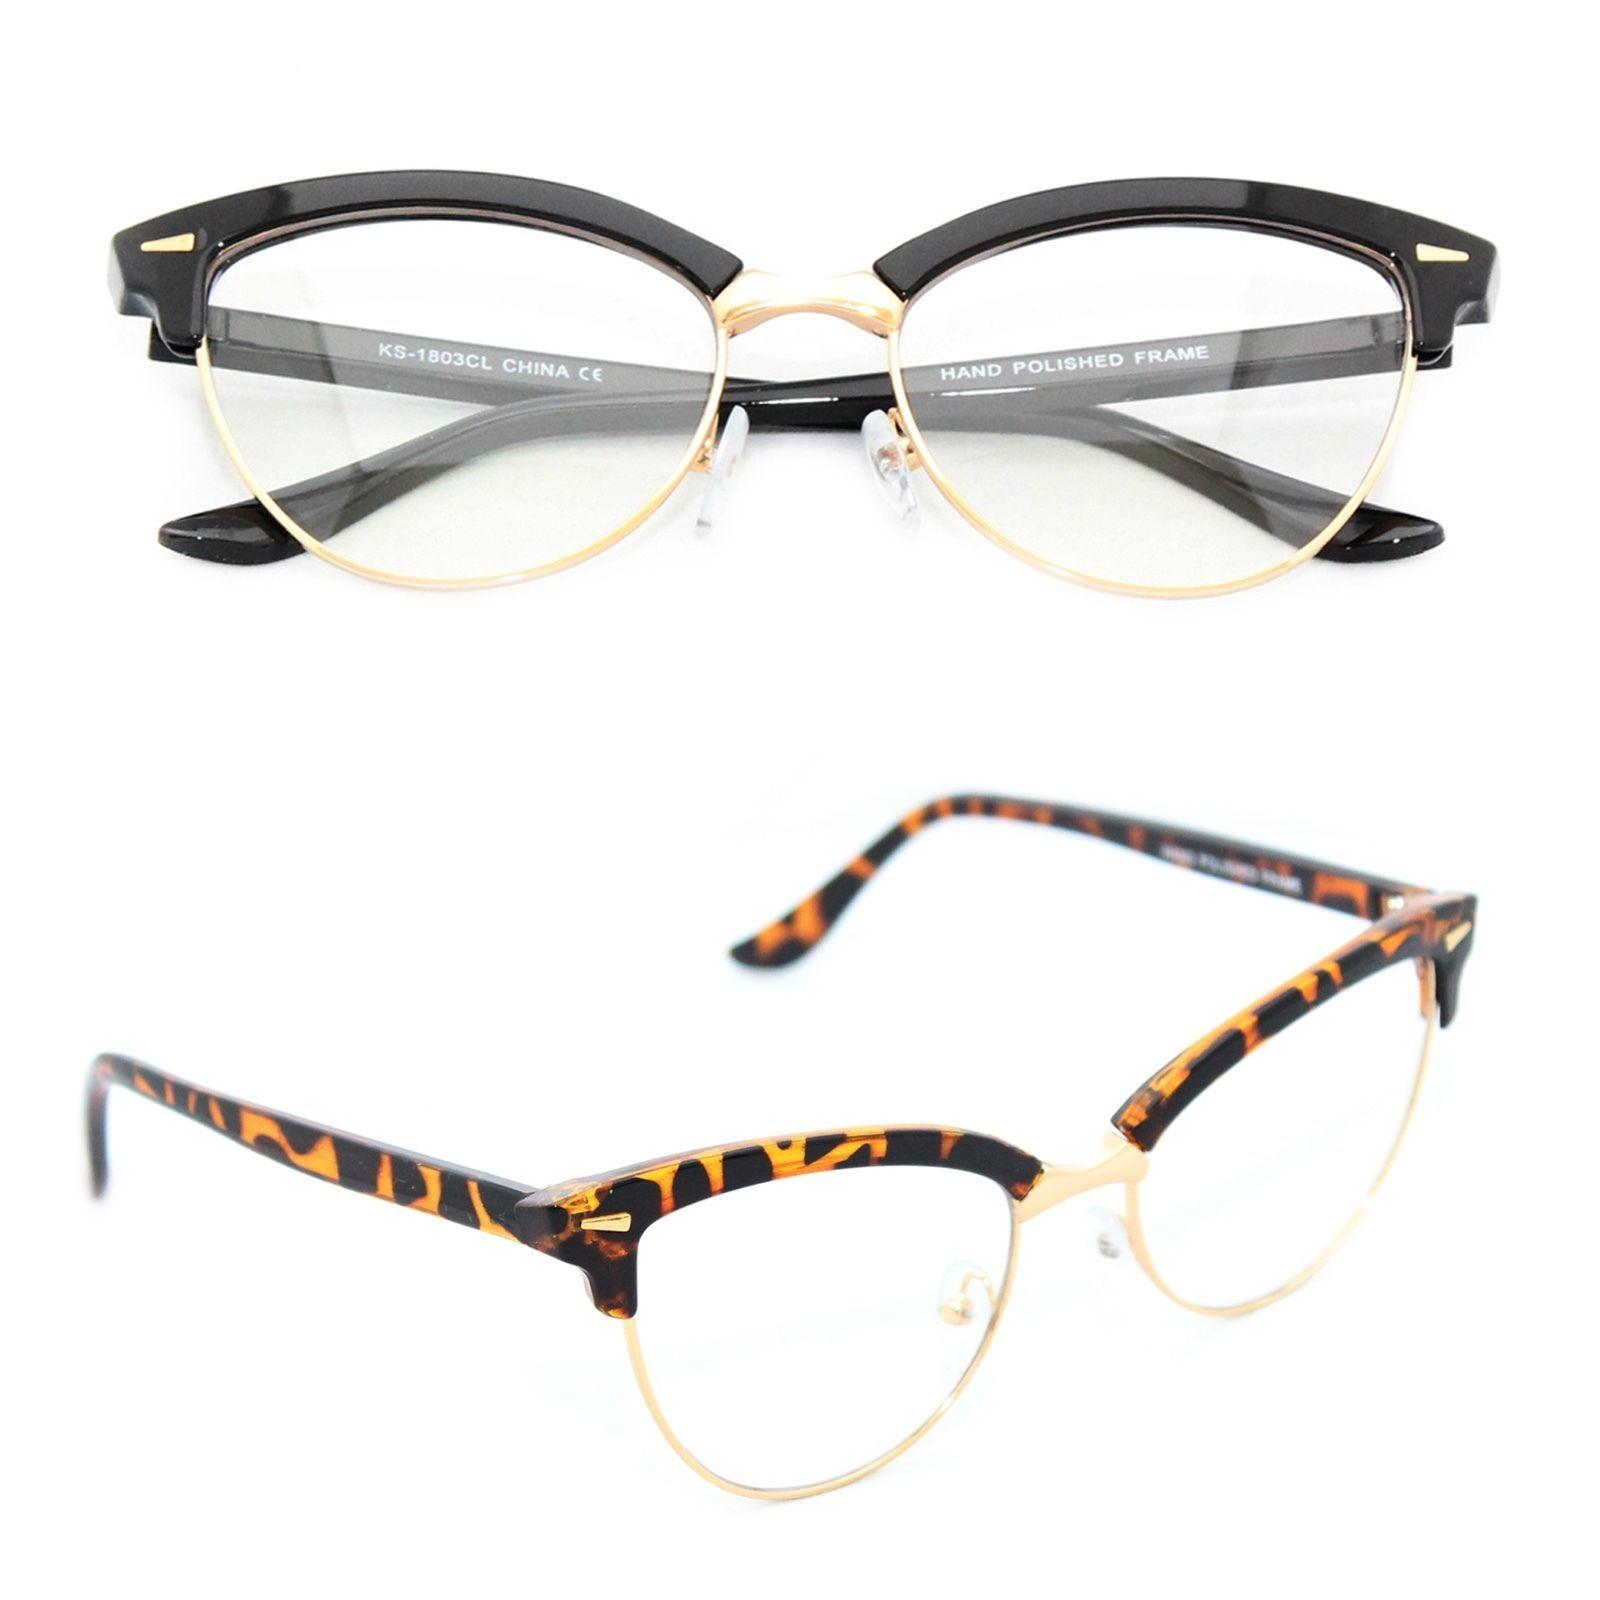 64f5c61cde Women s Classic Eye Glasses Vintage Cat Eye 50S Retro Clear Lens Gold Frame  Mfc